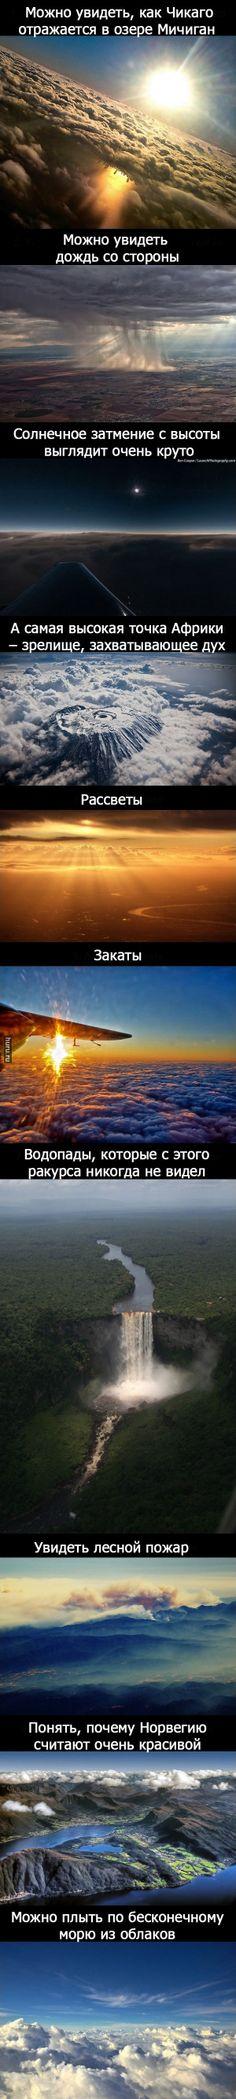 Huru.ru :: Вот почему в самолете нужно садиться у окошка: